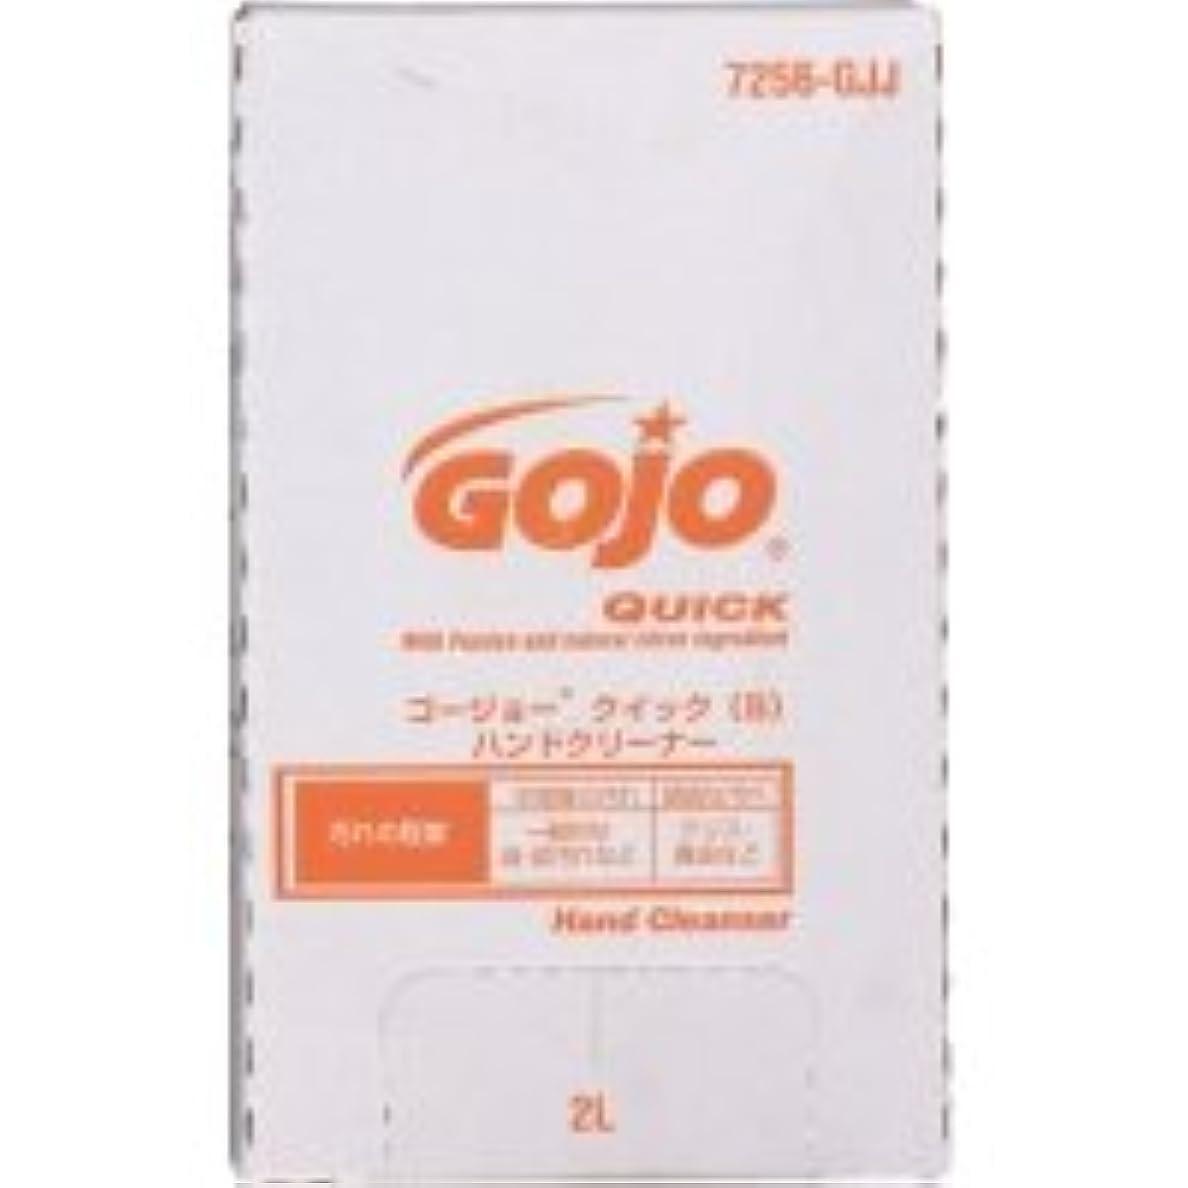 タイト土曜日寄託GOJO クイック(S)ハンドクリーナー ディスペンサー用 2000ml 1個